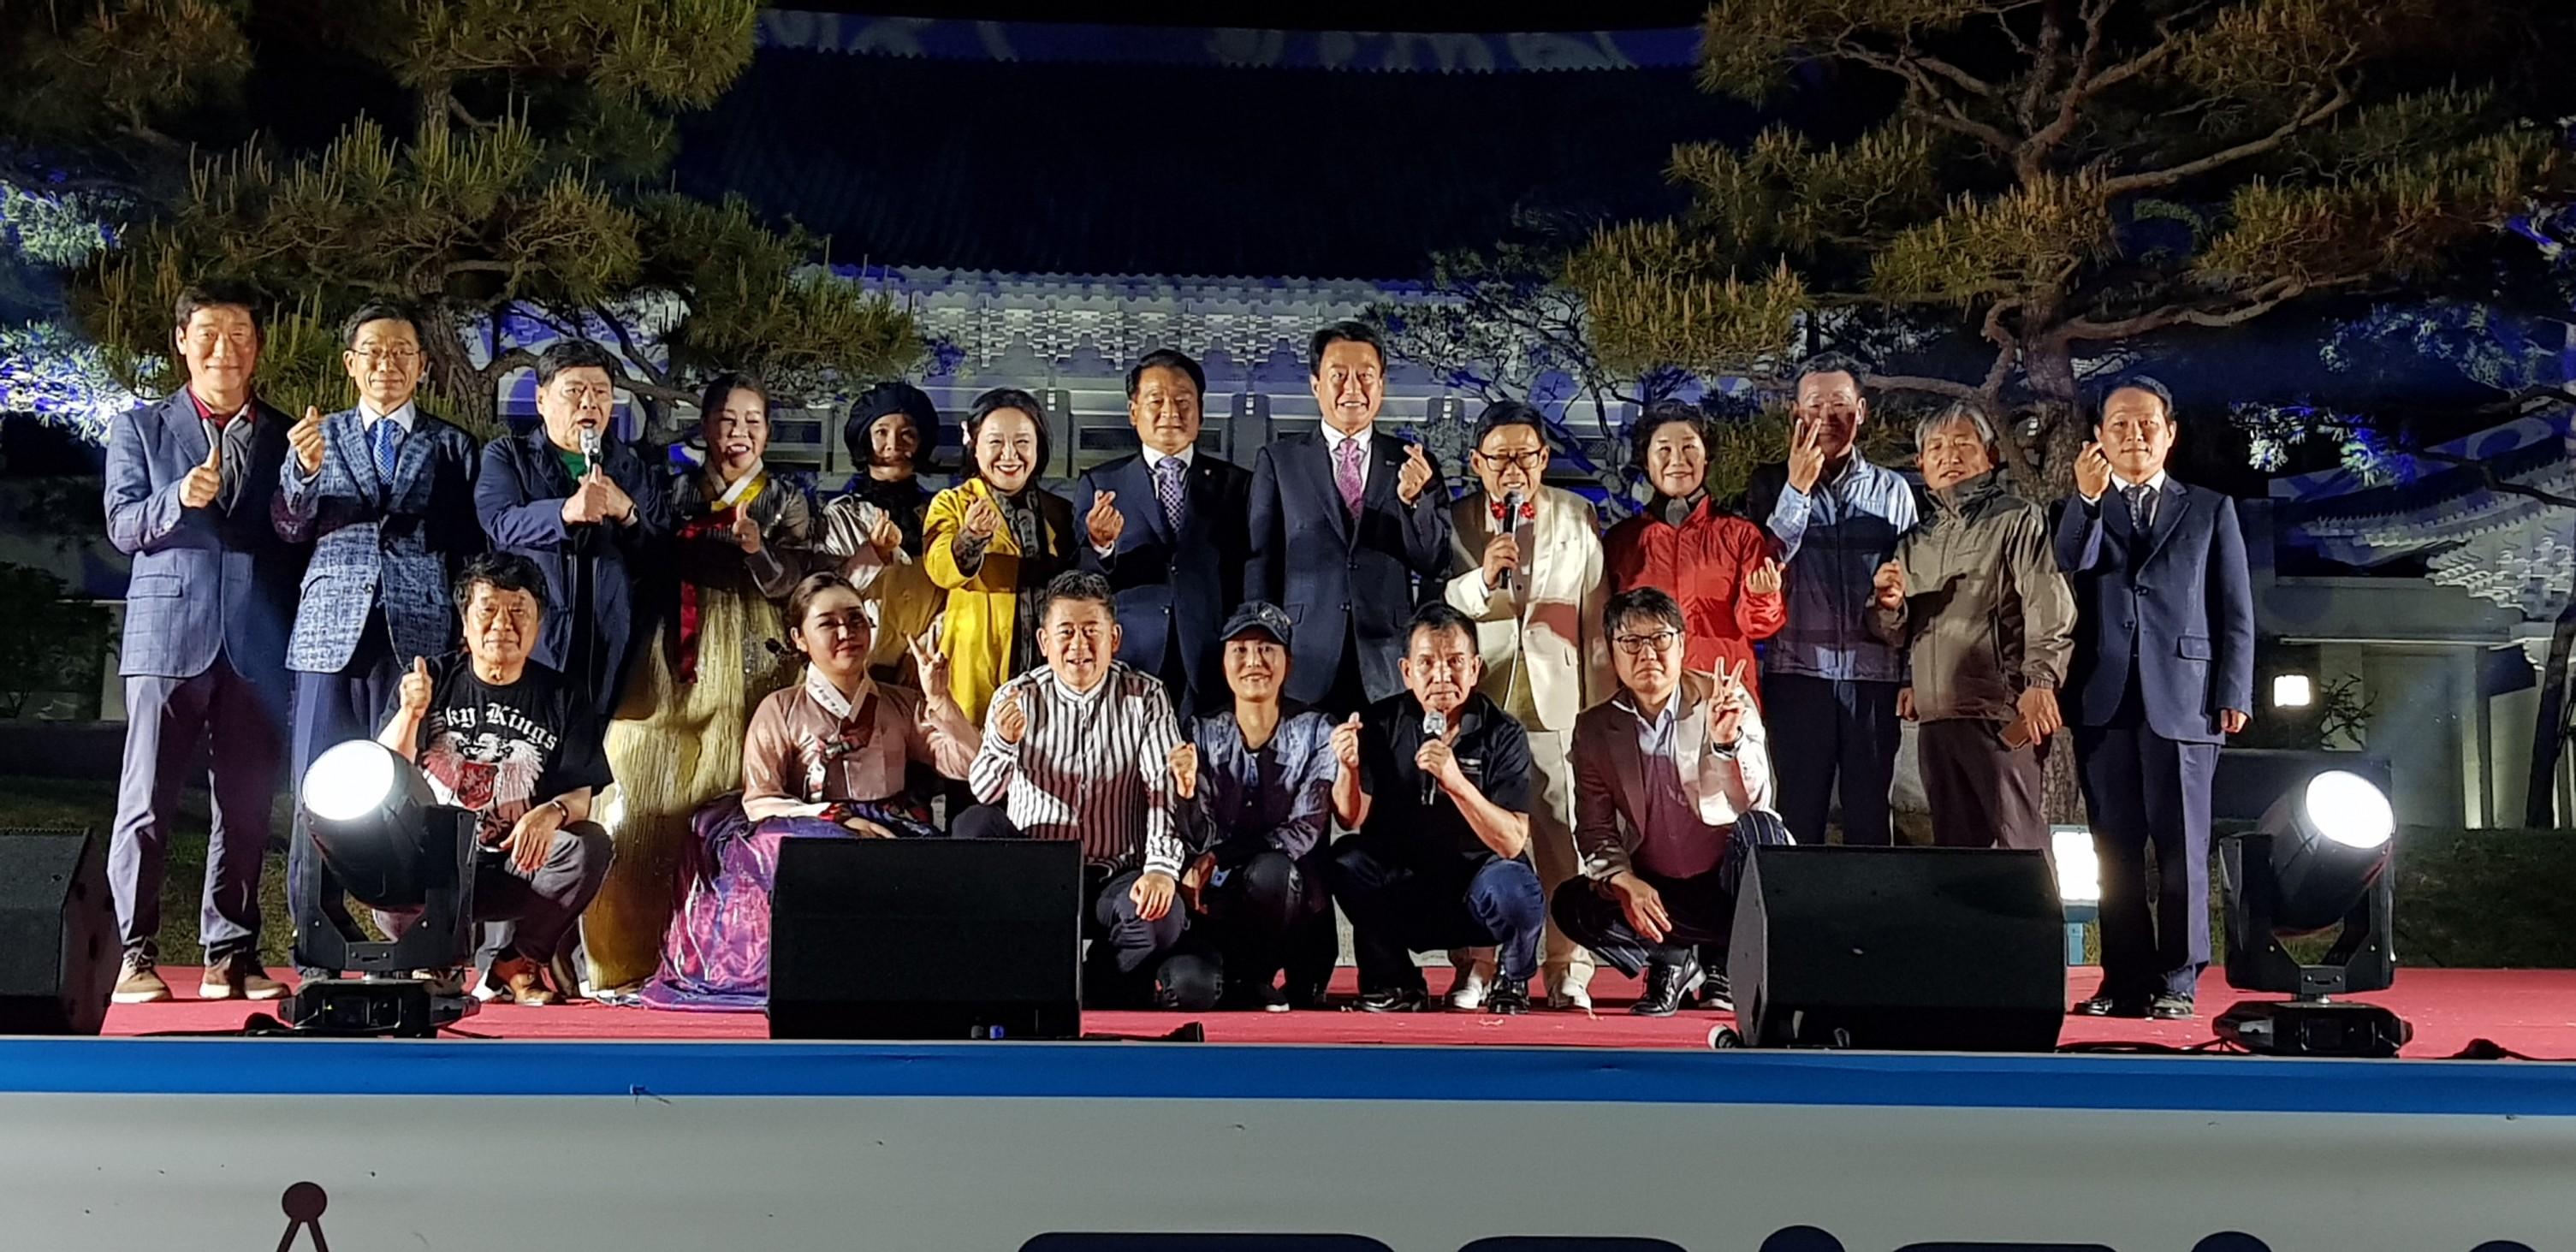 정말 멋진 청와대 세트장 앞 광장에서  공연하였습니다..수고 많으셨어요.^^